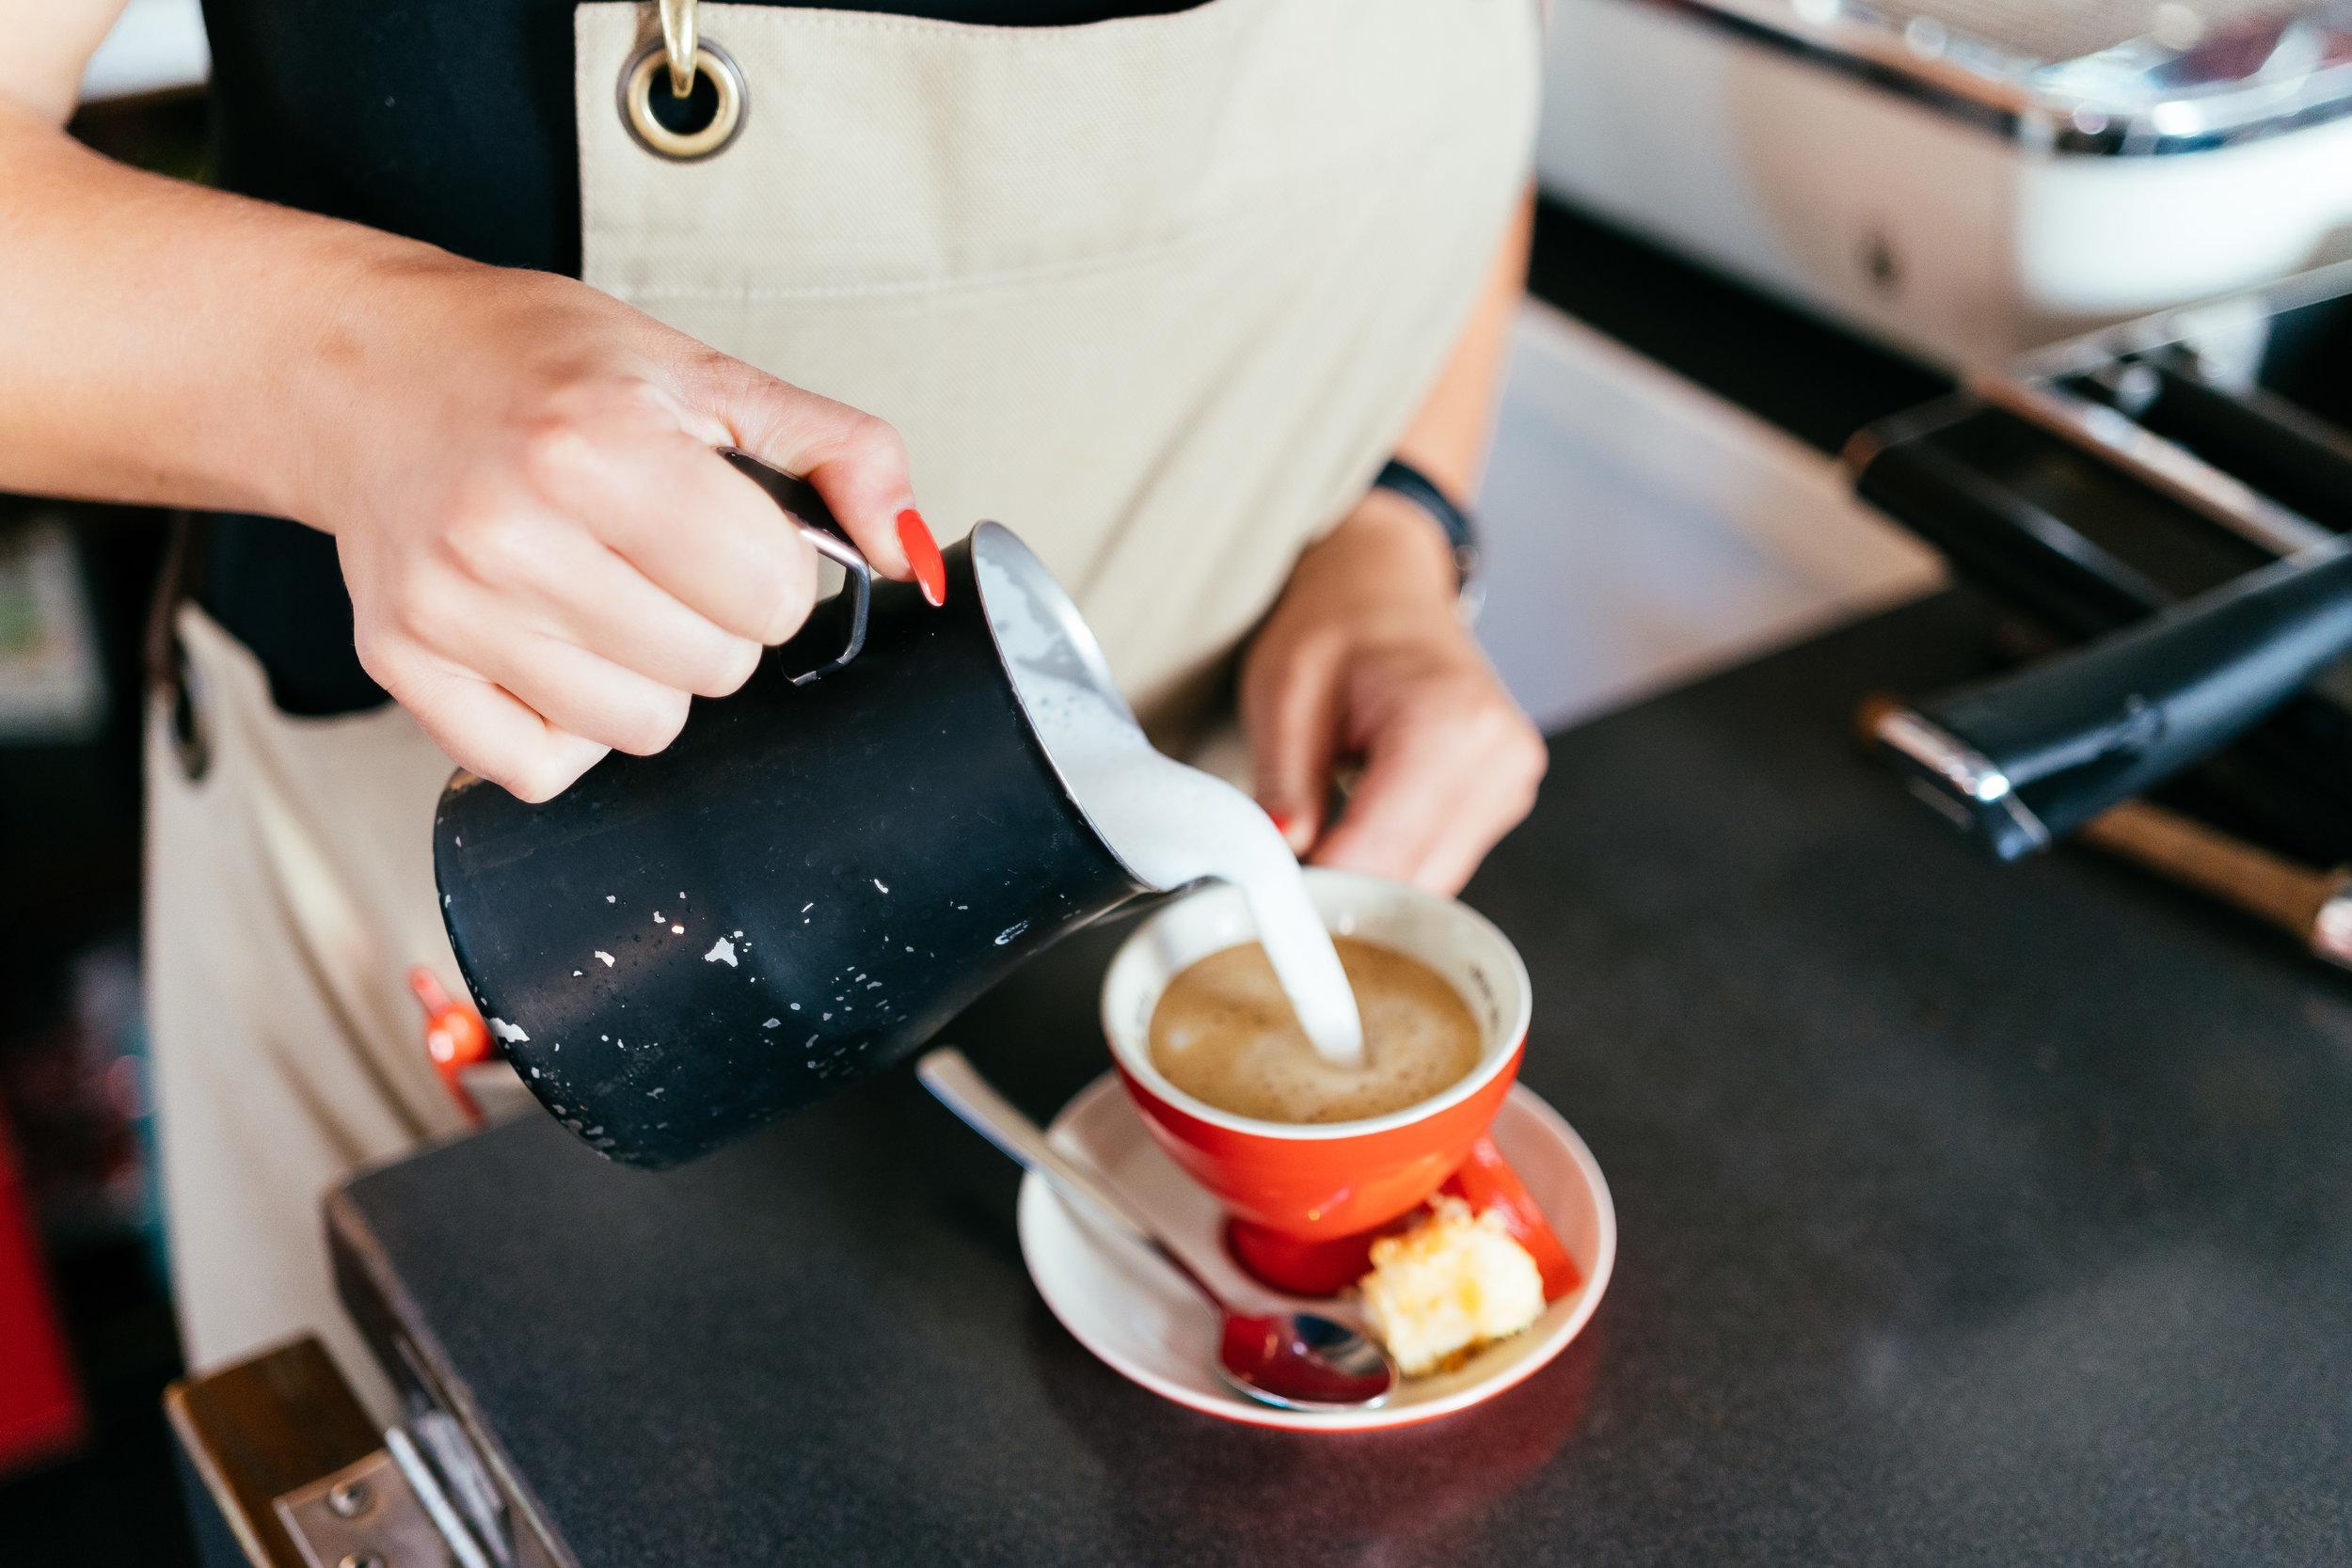 So, und jetzt noch einen Kaffee –wir waren jedenfalls begeistert vom Westermanns Deli, dem Gesamtkonzept und der Qualität der dargebotenen Speisen und kommen wieder (leider erst im September, nach den Sommerurlauben). ☺